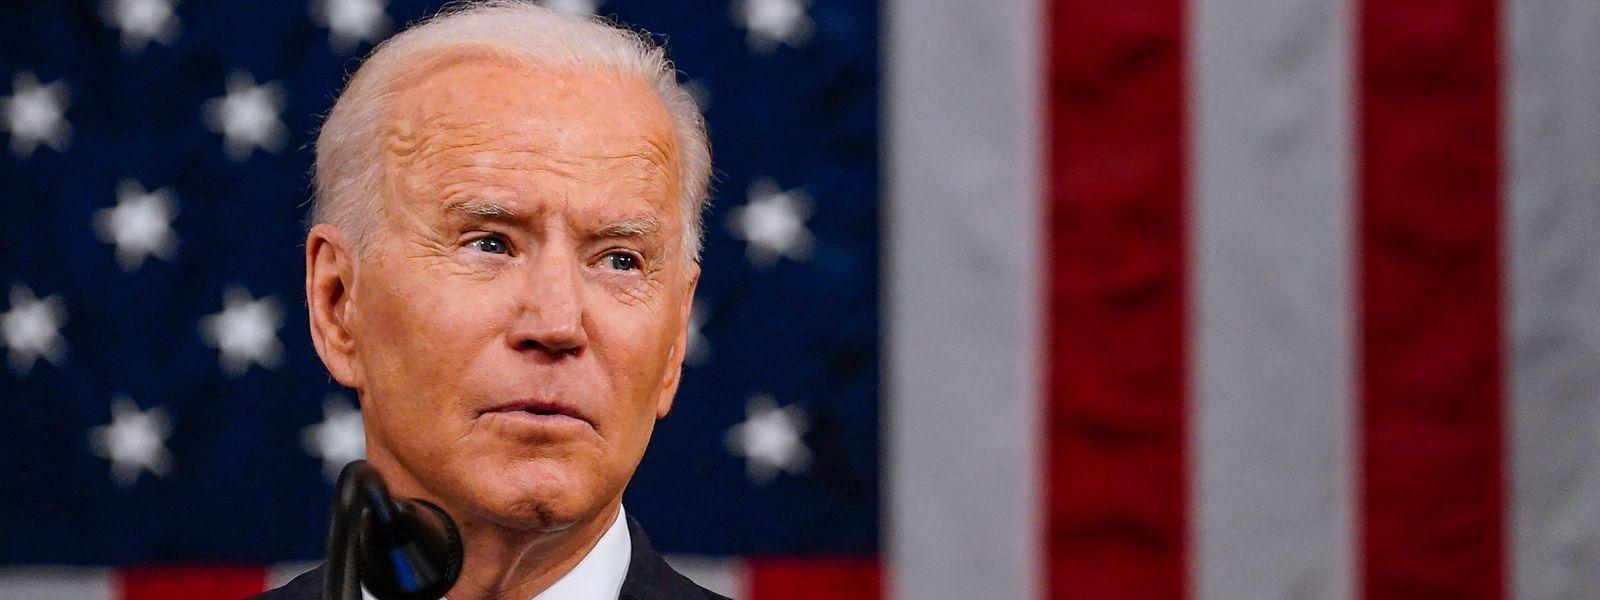 US-Präsident Joe Biden gibt Gas, denn die Zeit, in der er Reformen durchführen kann, ist knapp.